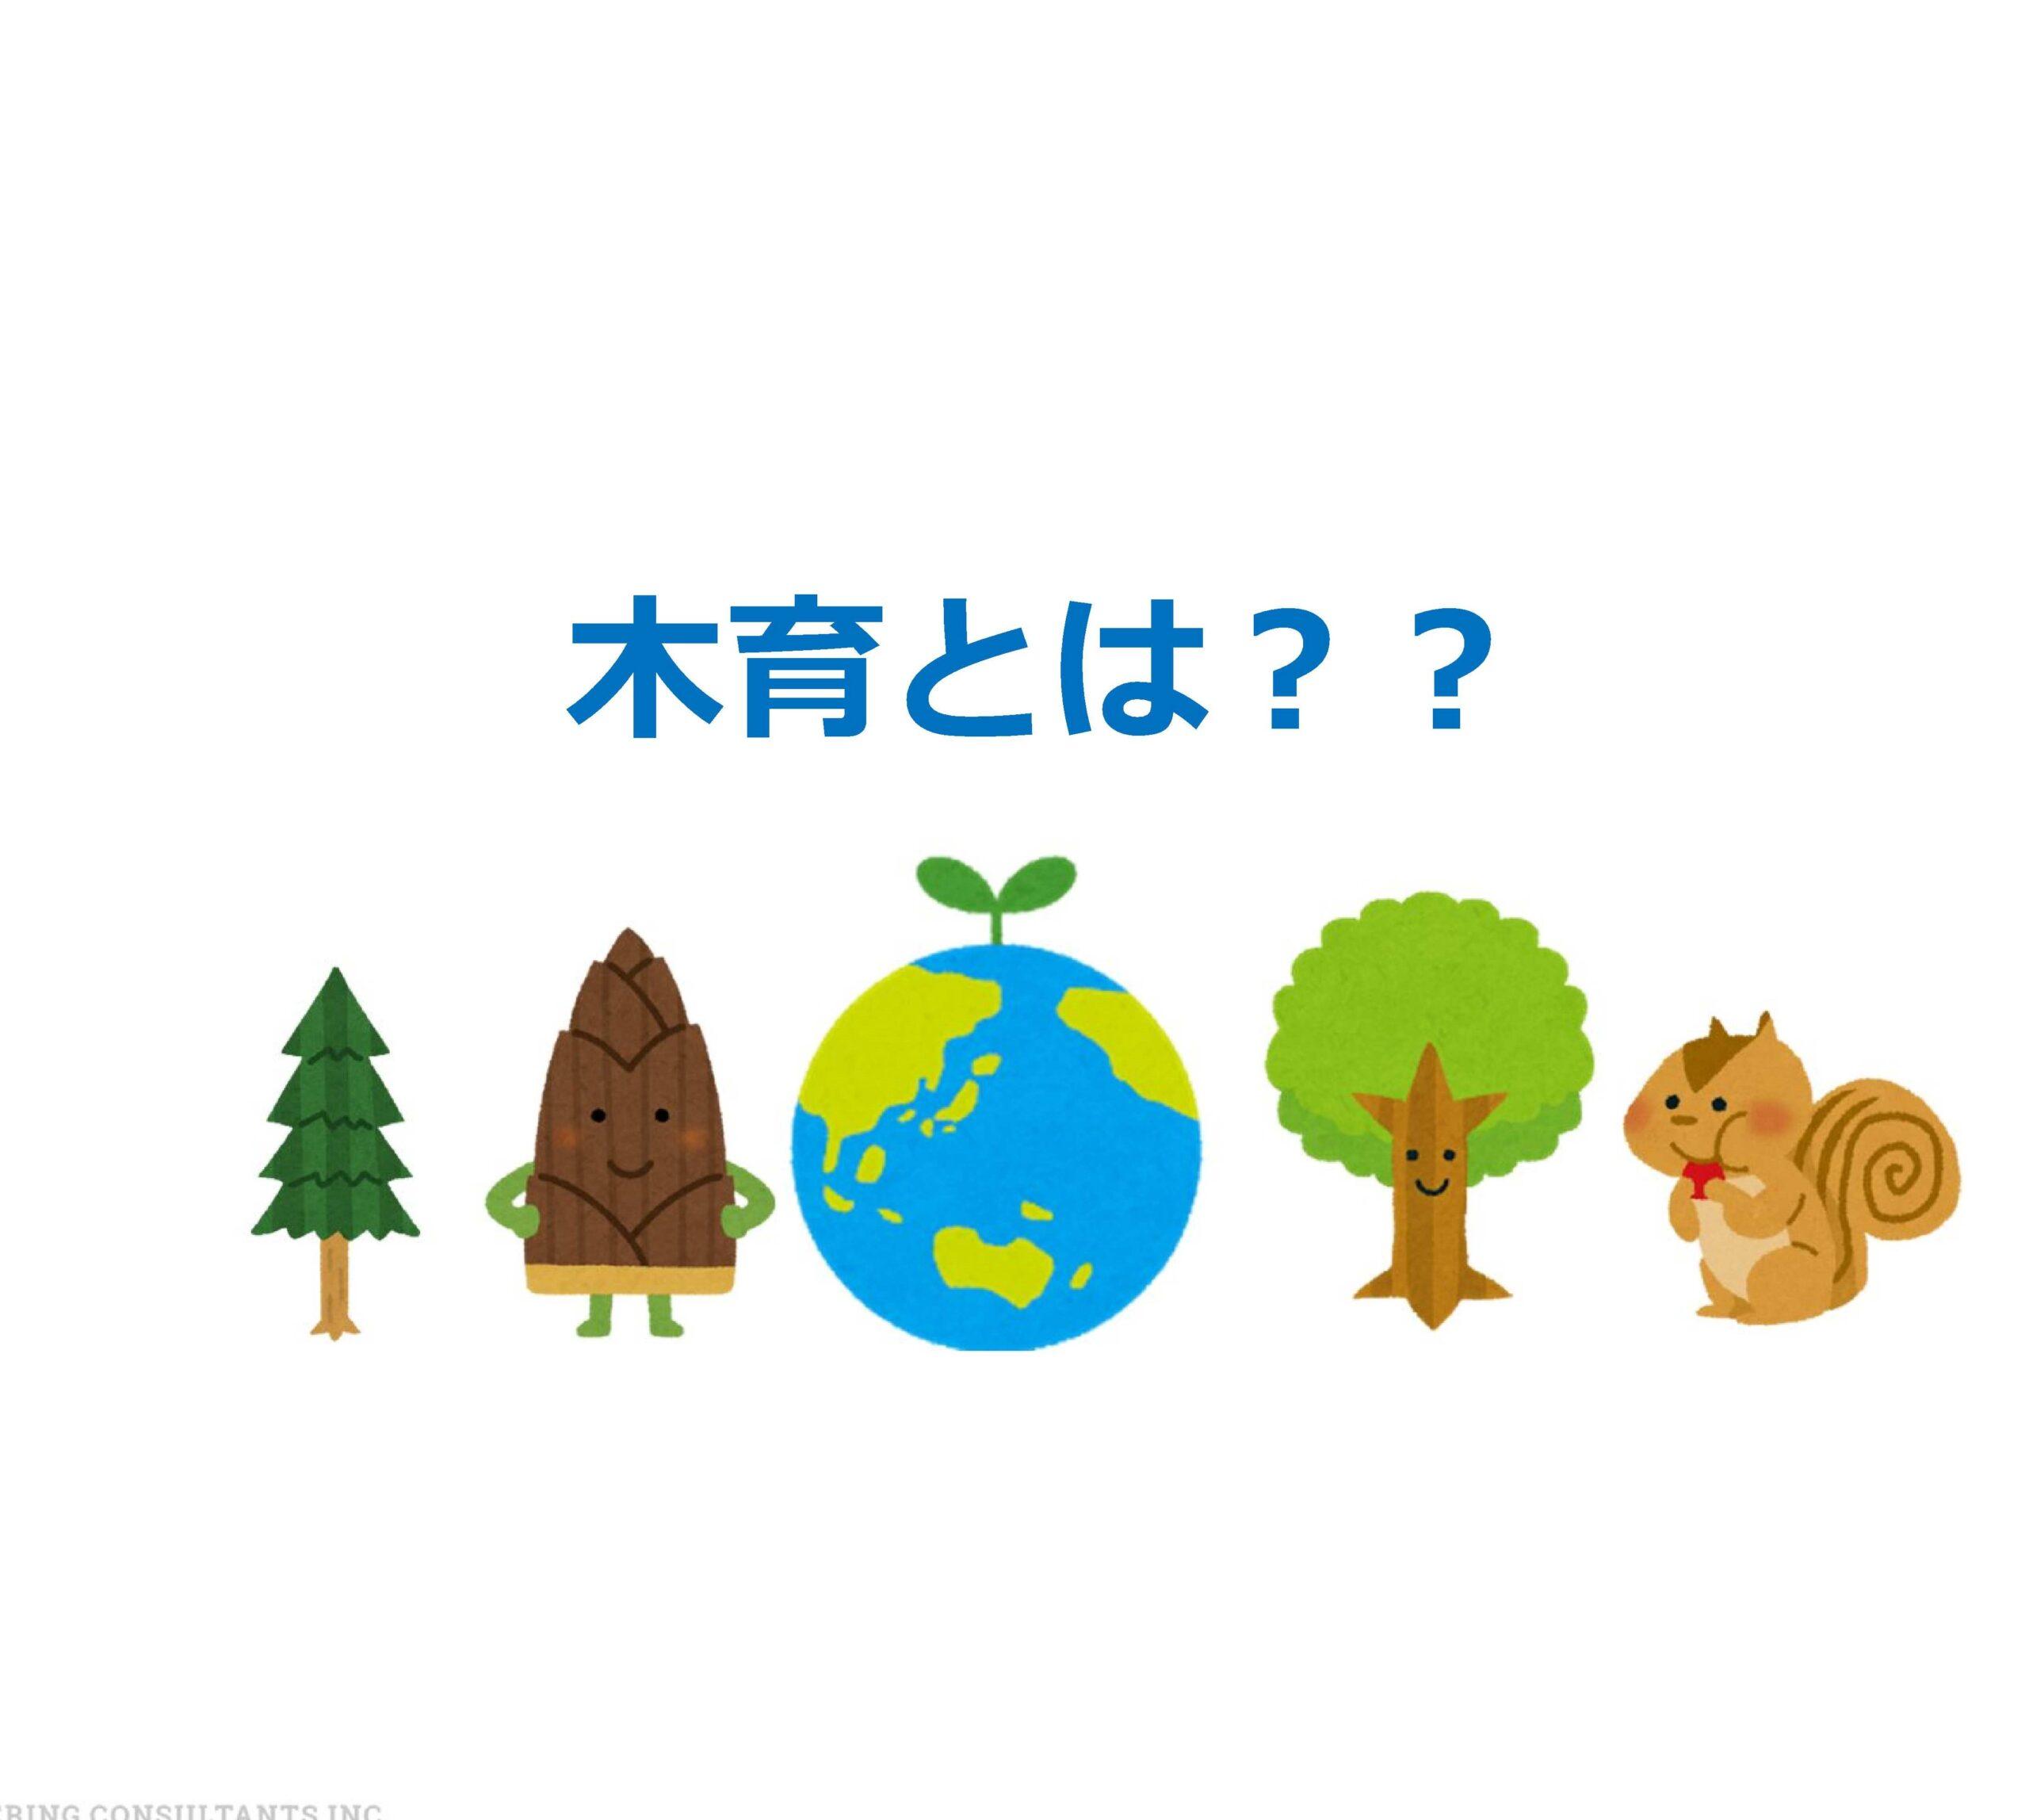 木育ってなあに?